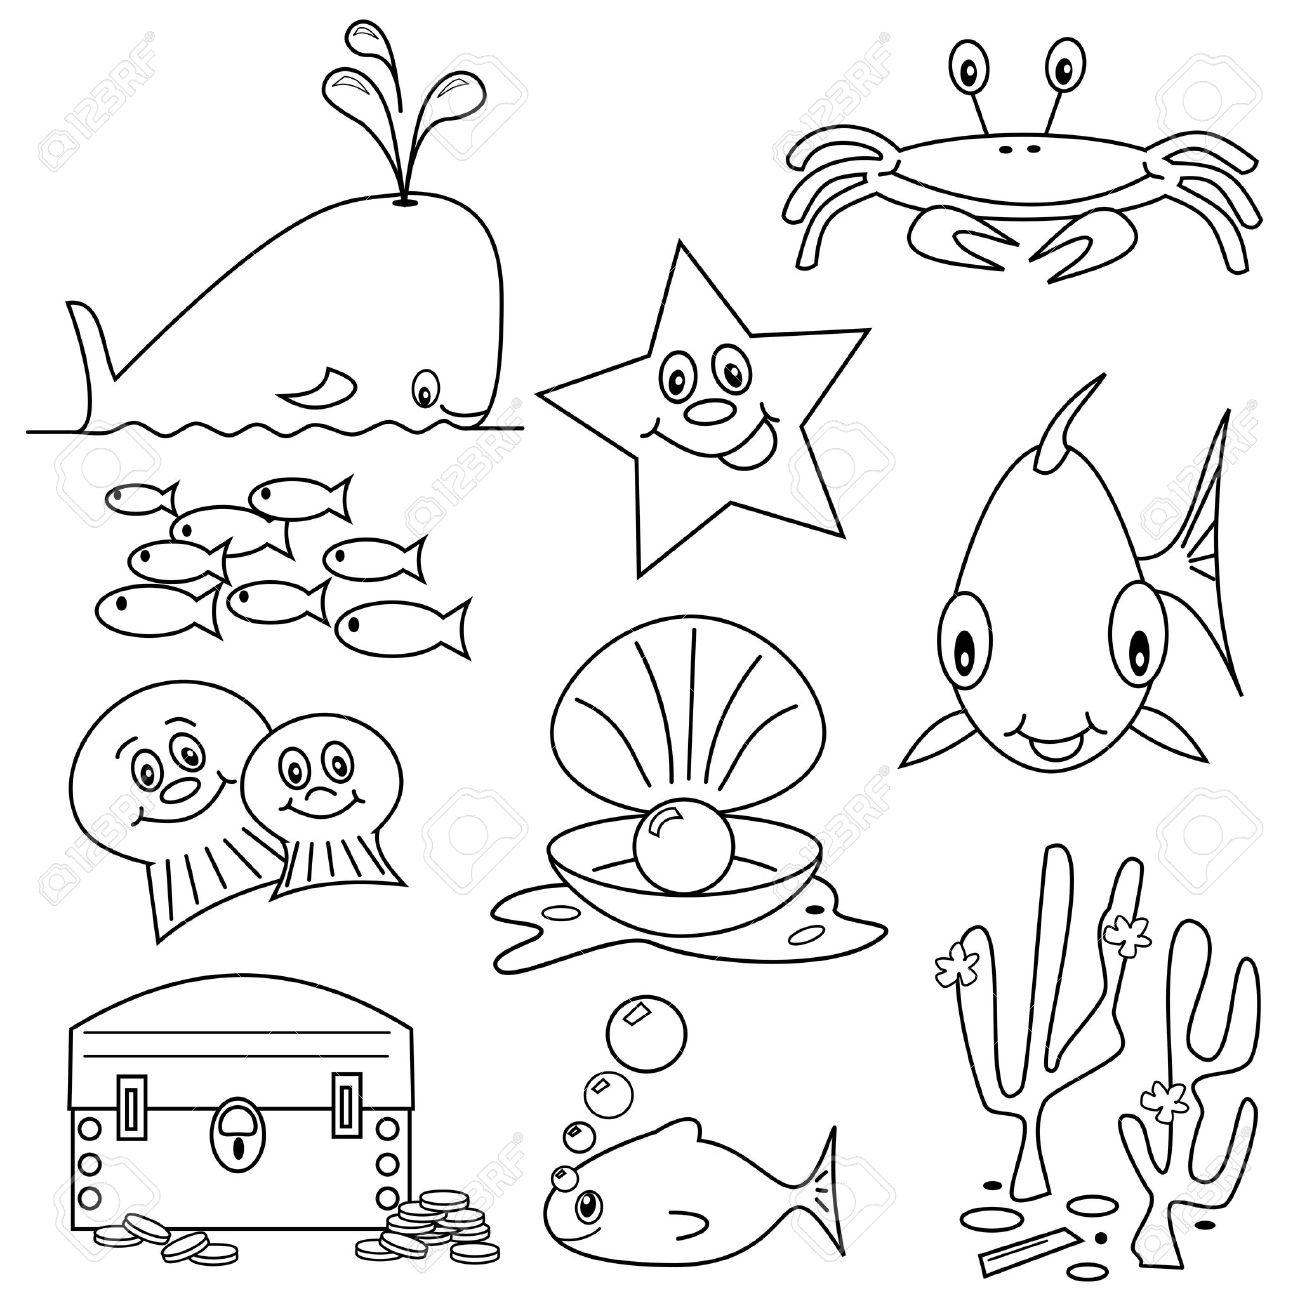 Asombroso Páginas Para Colorear De La Vida Marina Molde - Dibujos ...